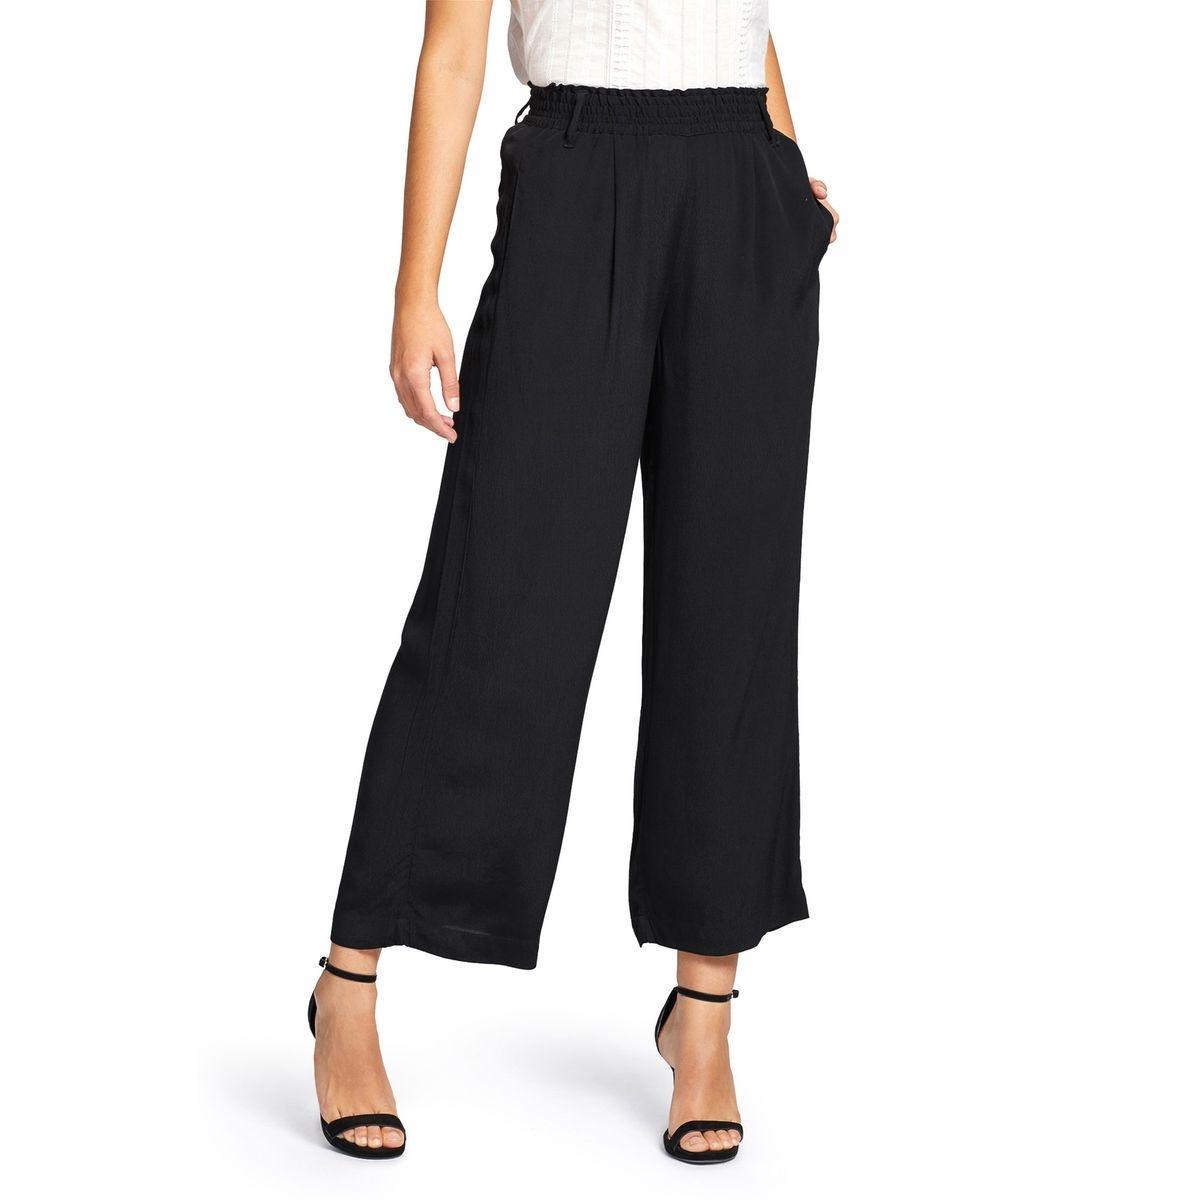 Pantalon avec taille élastique CARENE